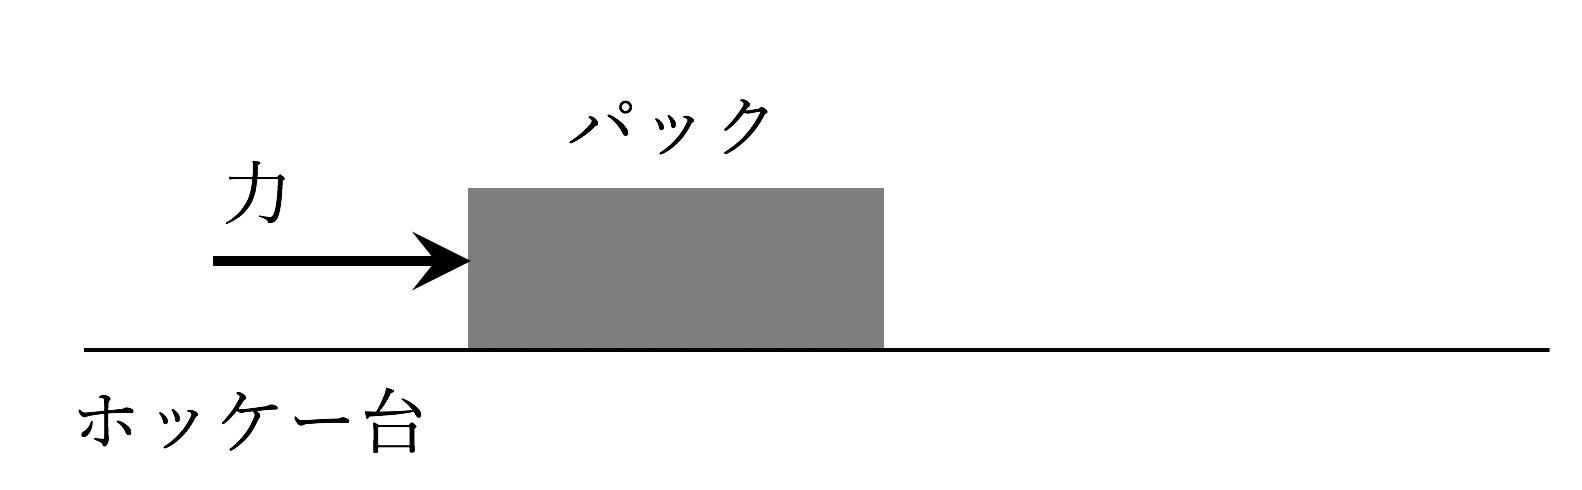 概念理解問題の紹介【加速度と速度の違い】